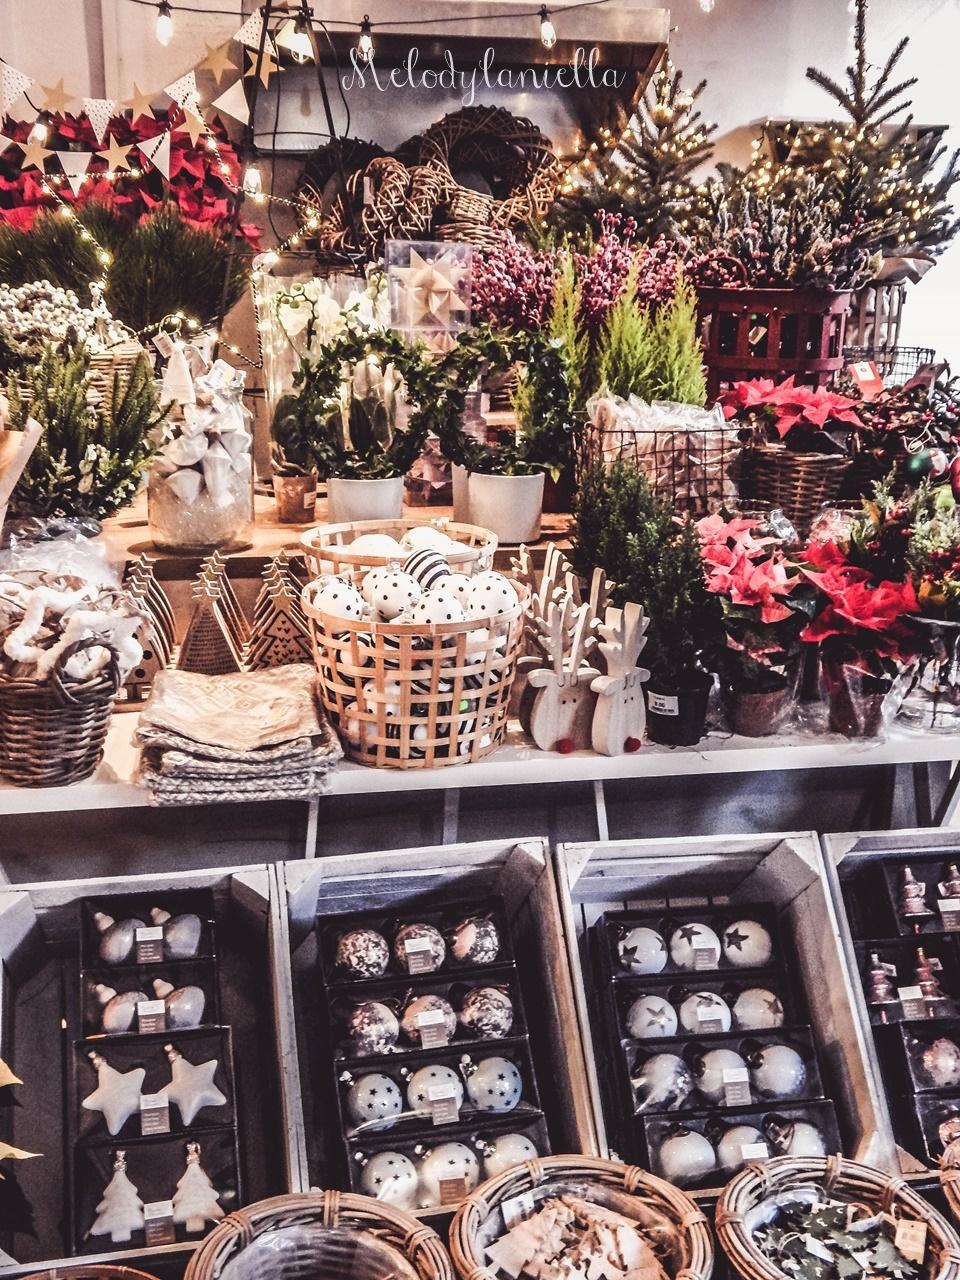 26 nietypowy jarmark świąteczny piotrkowska 217 co dzieje się w łodzi dwukropek ogrody zofii bożonarodzeniowy jarmark targ świąteczny świat z lukru pierniki świąteczne łódź biżuteria handmade piando zigner